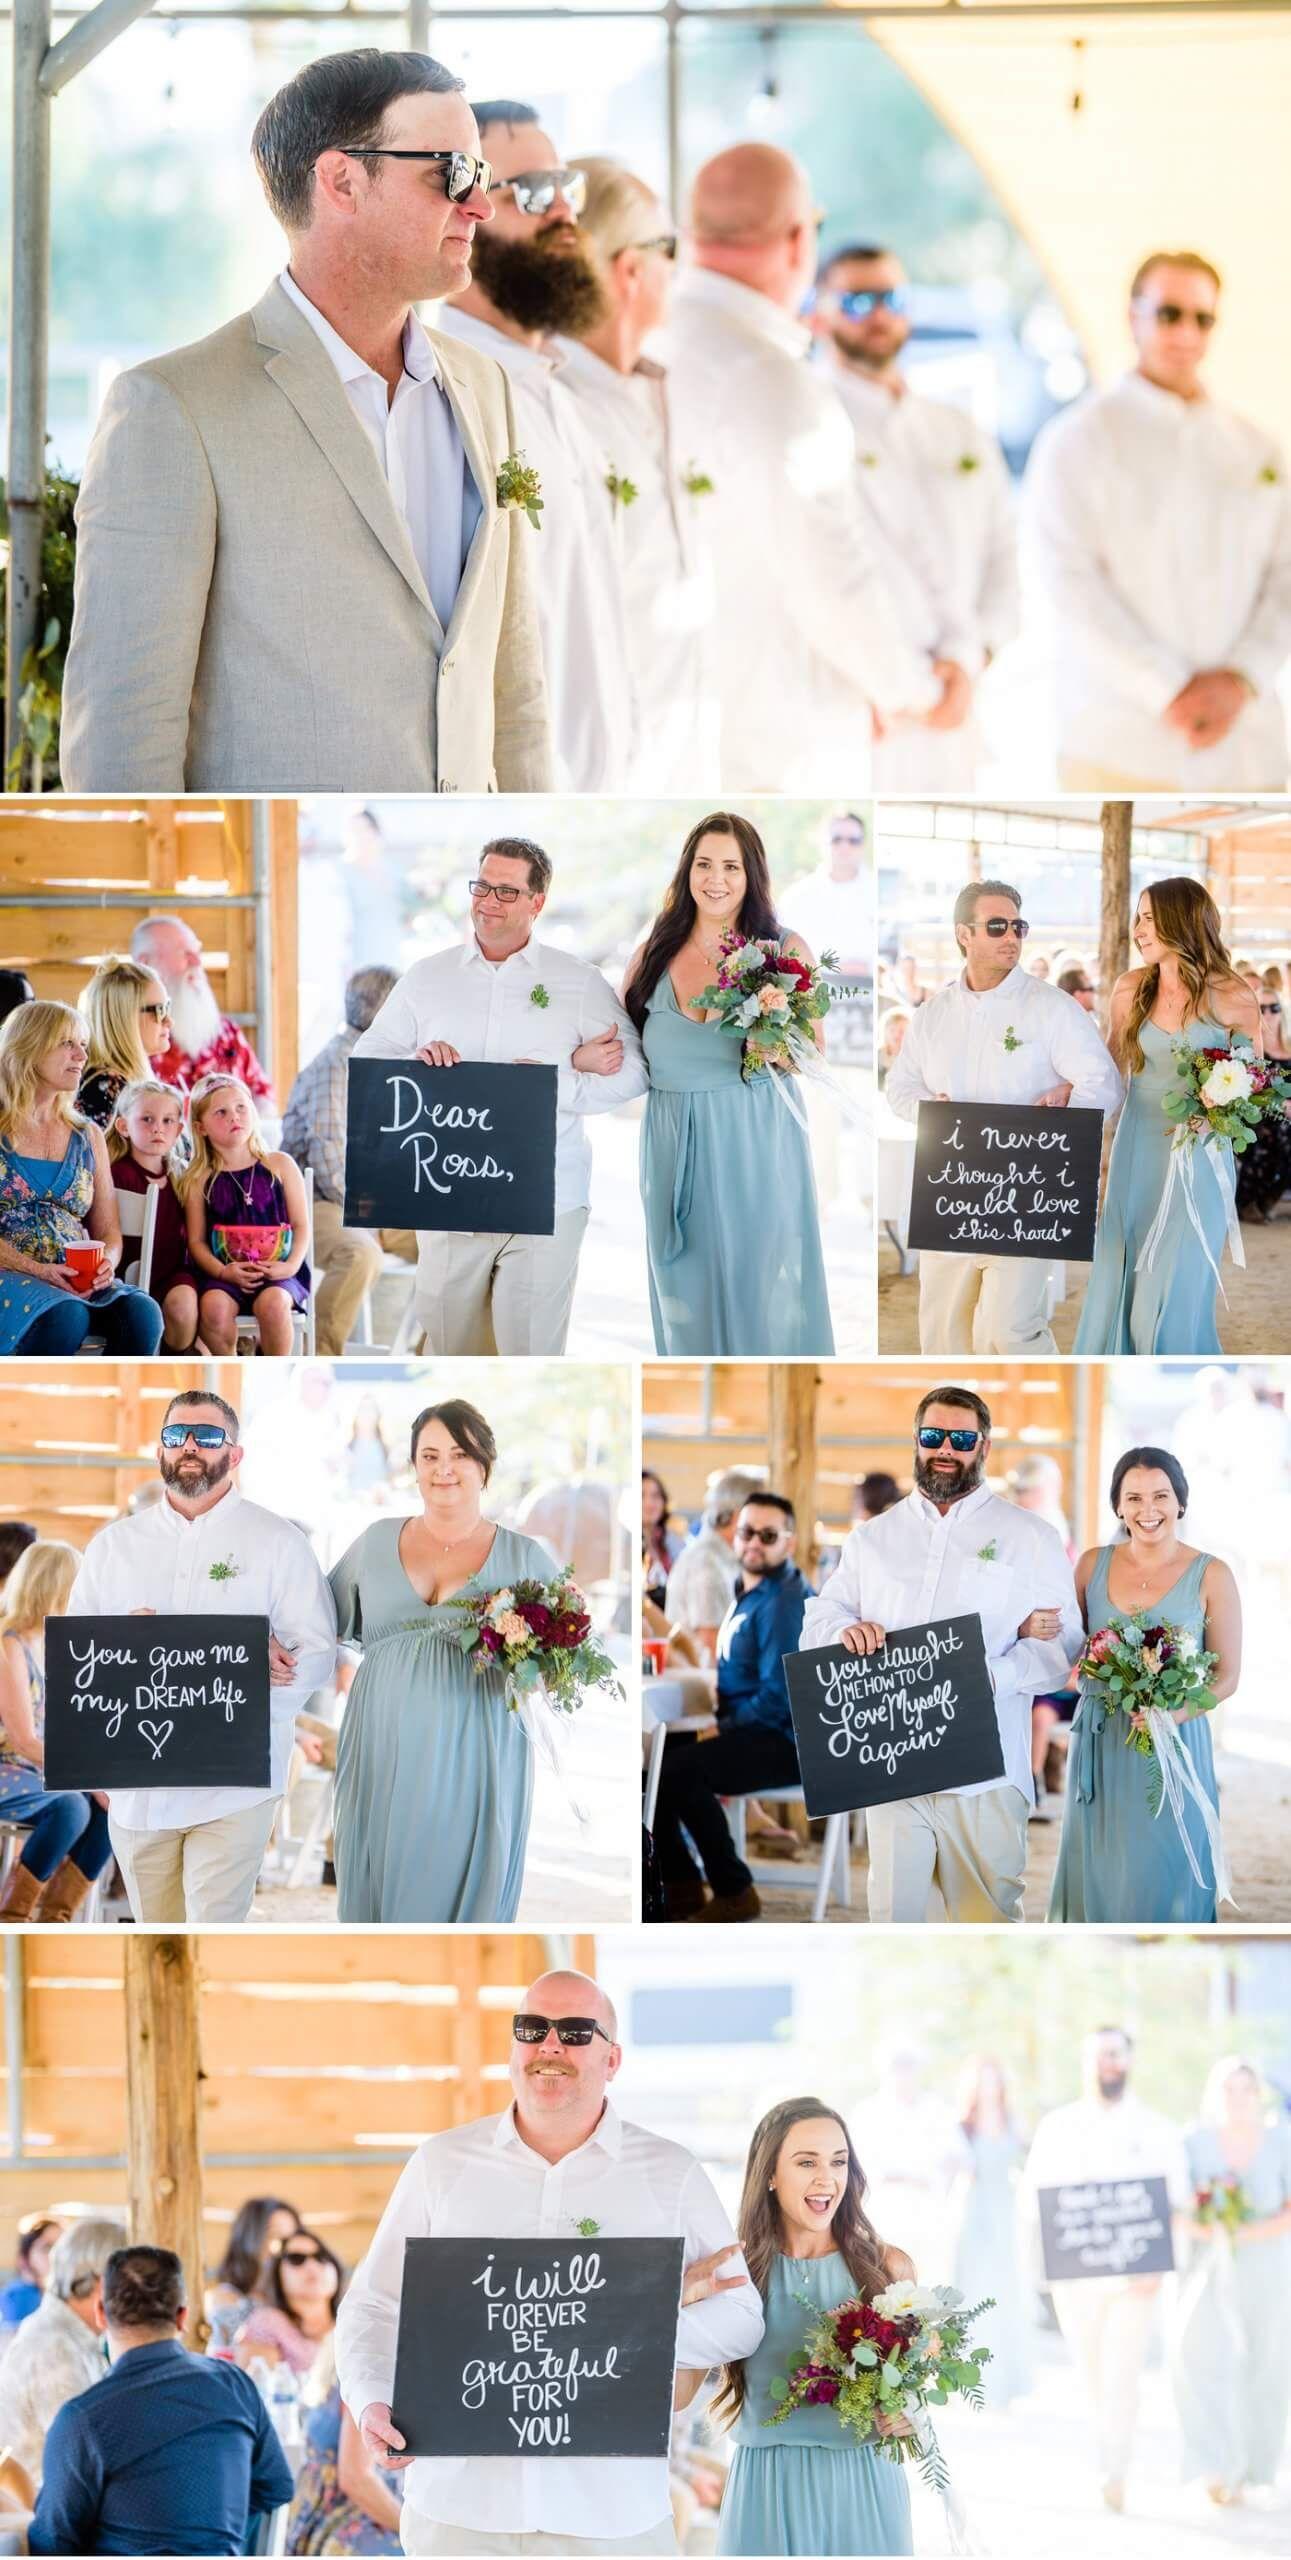 Top 5 Uberraschungen Fur Braut Oder Brautigam Hochzeitsuberraschungen Braut Brautigam